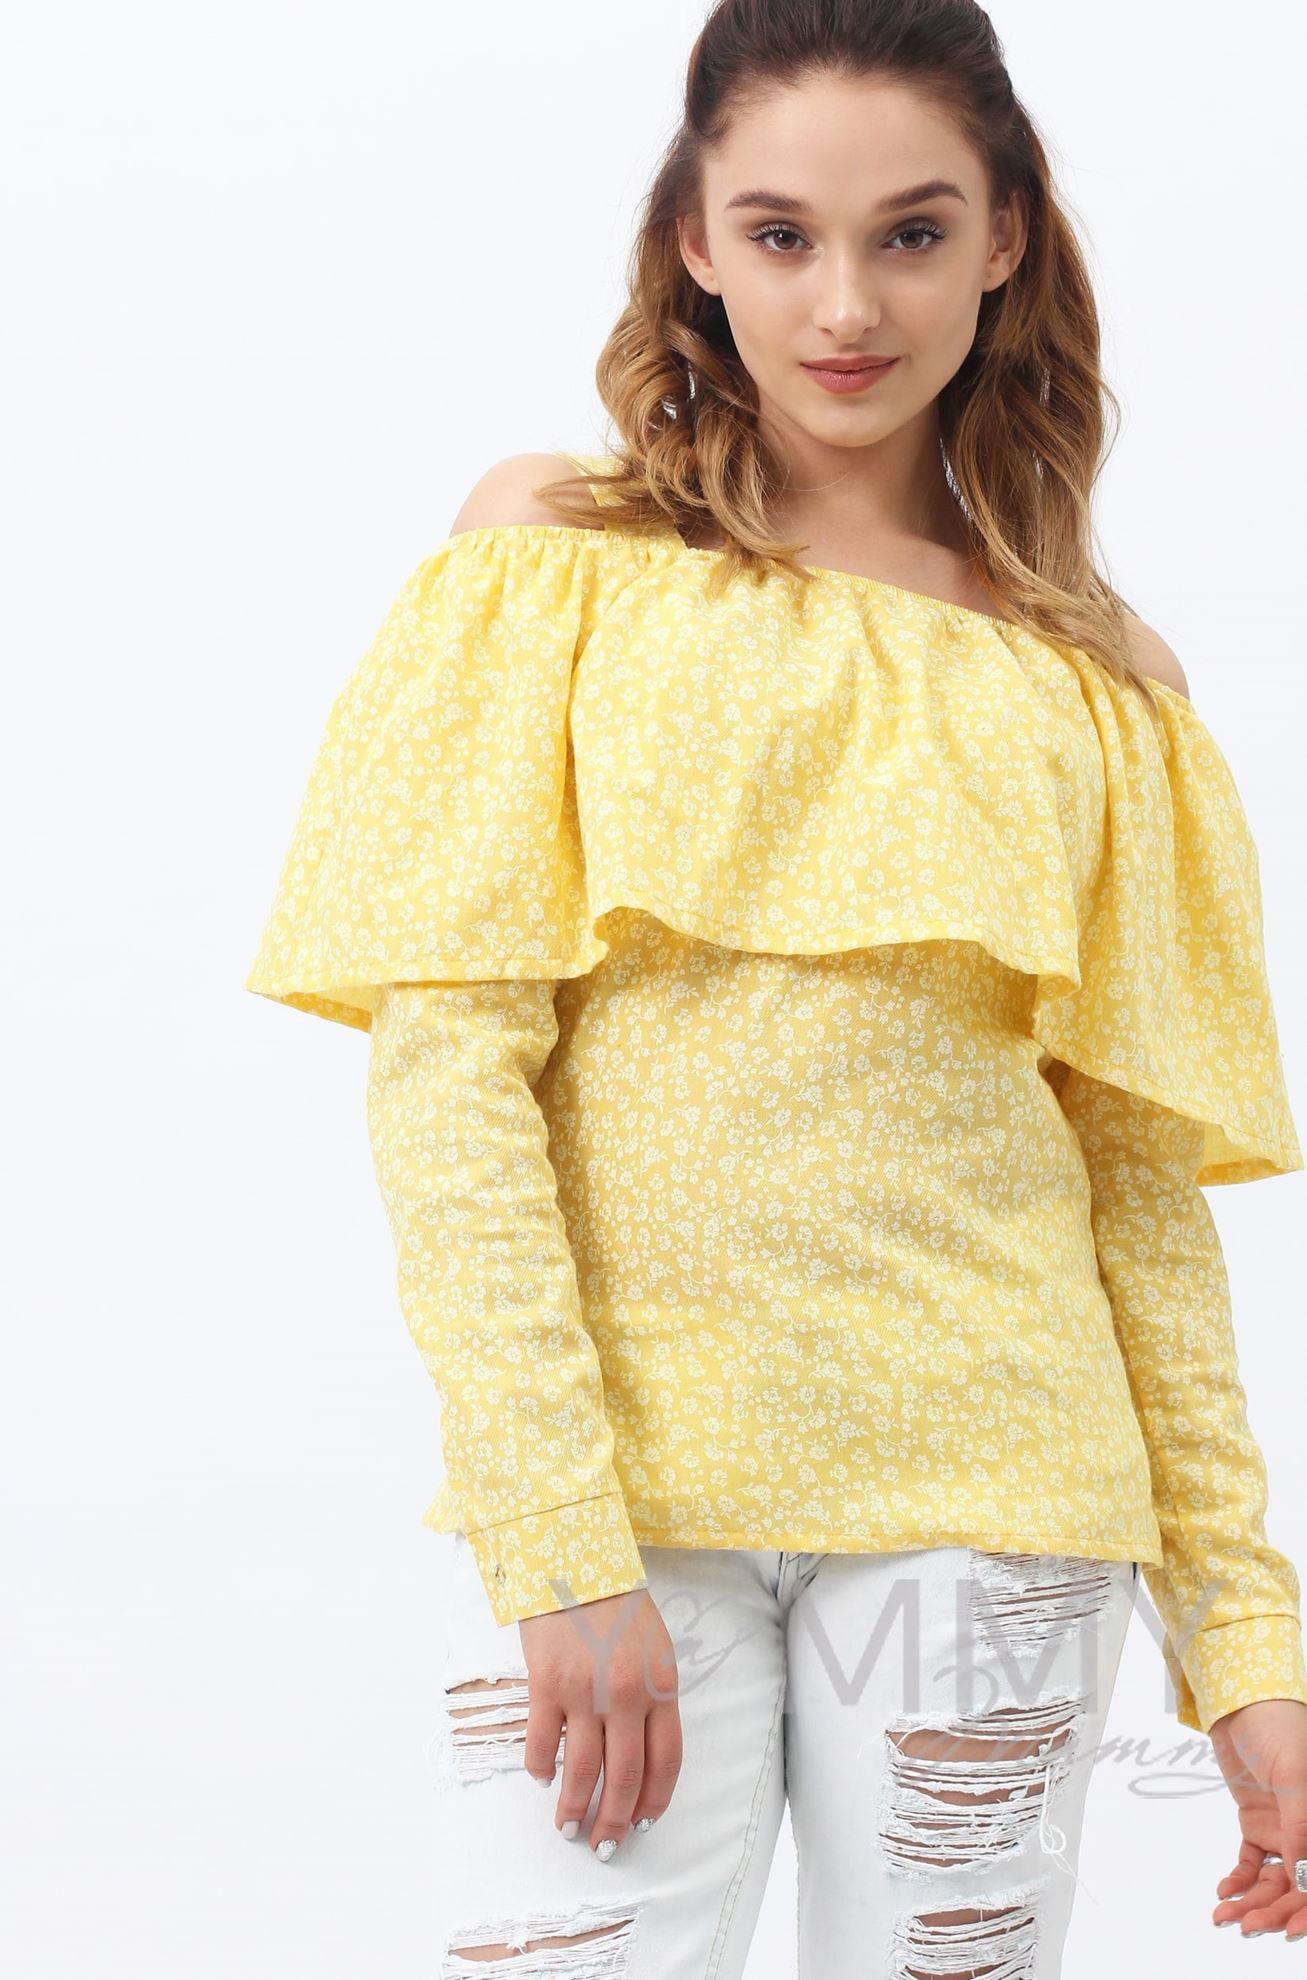 Изображение                               Блуза с воланом желтая с цветочным принтом